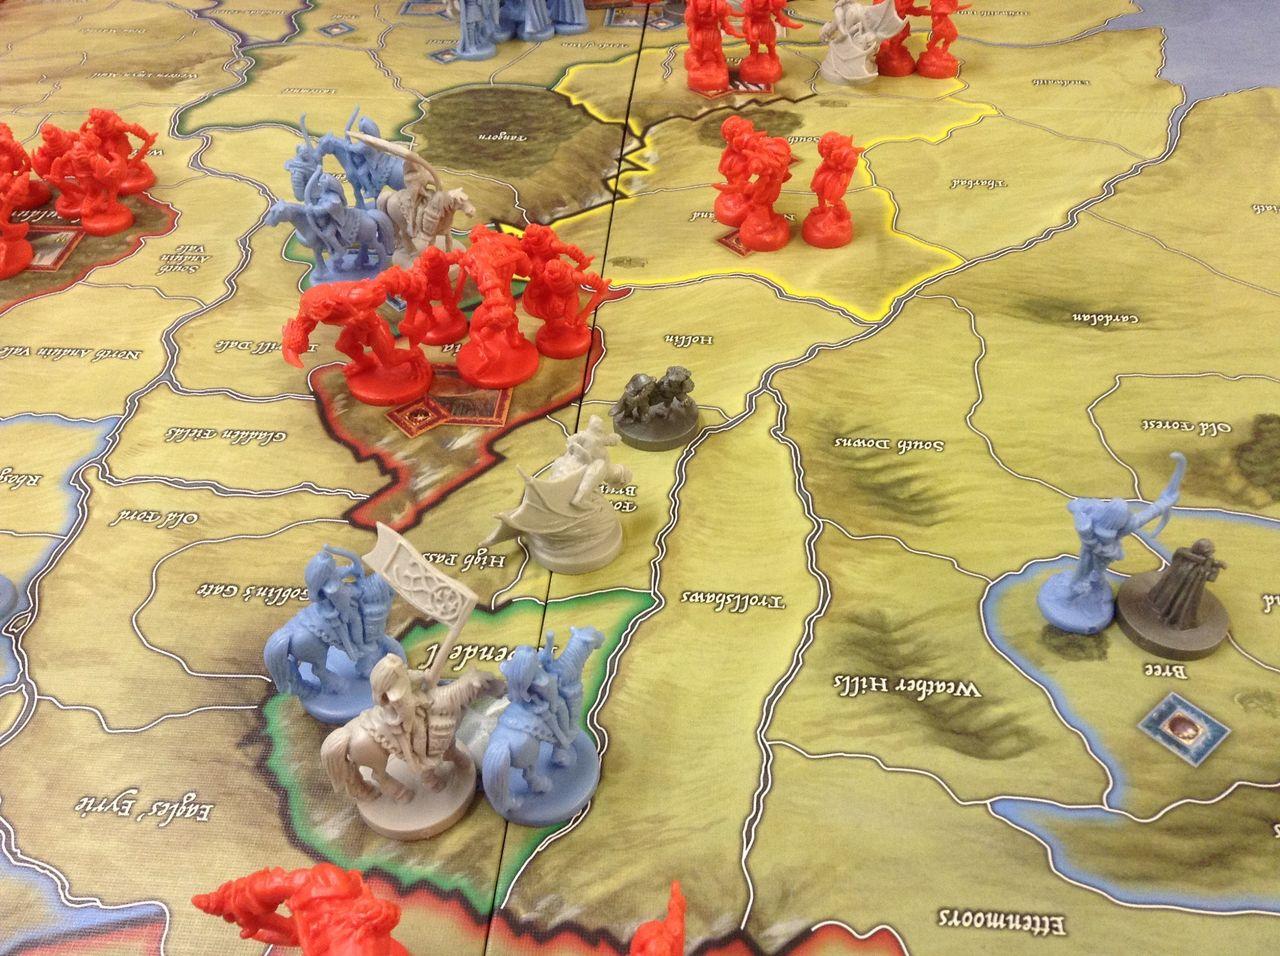 指輪戦争34